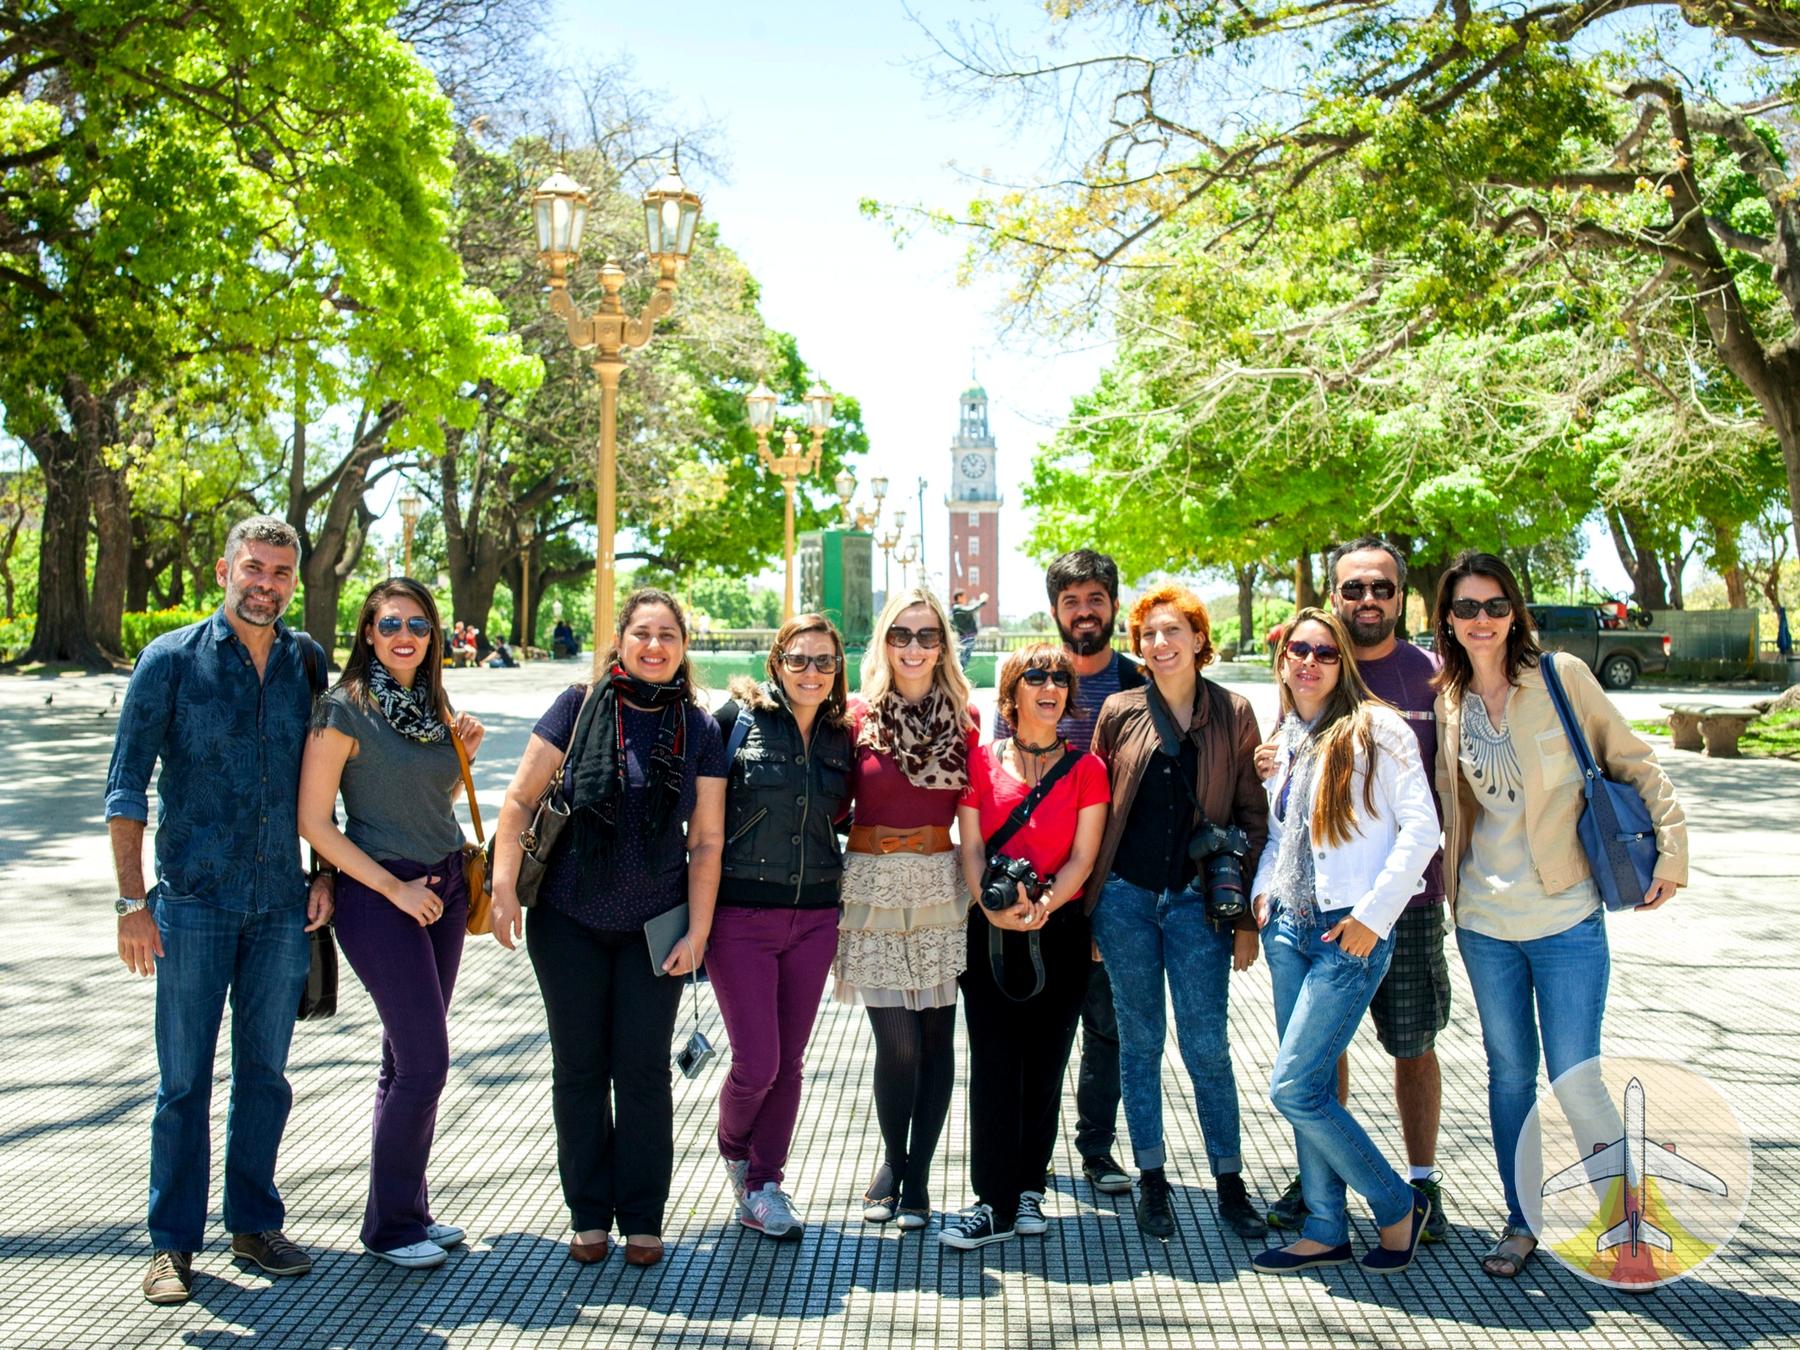 o-que-fazer-em-buenos-aires-tour-lado-b-buenos-blogs O que fazer em Buenos Aires (além do tradicional)!